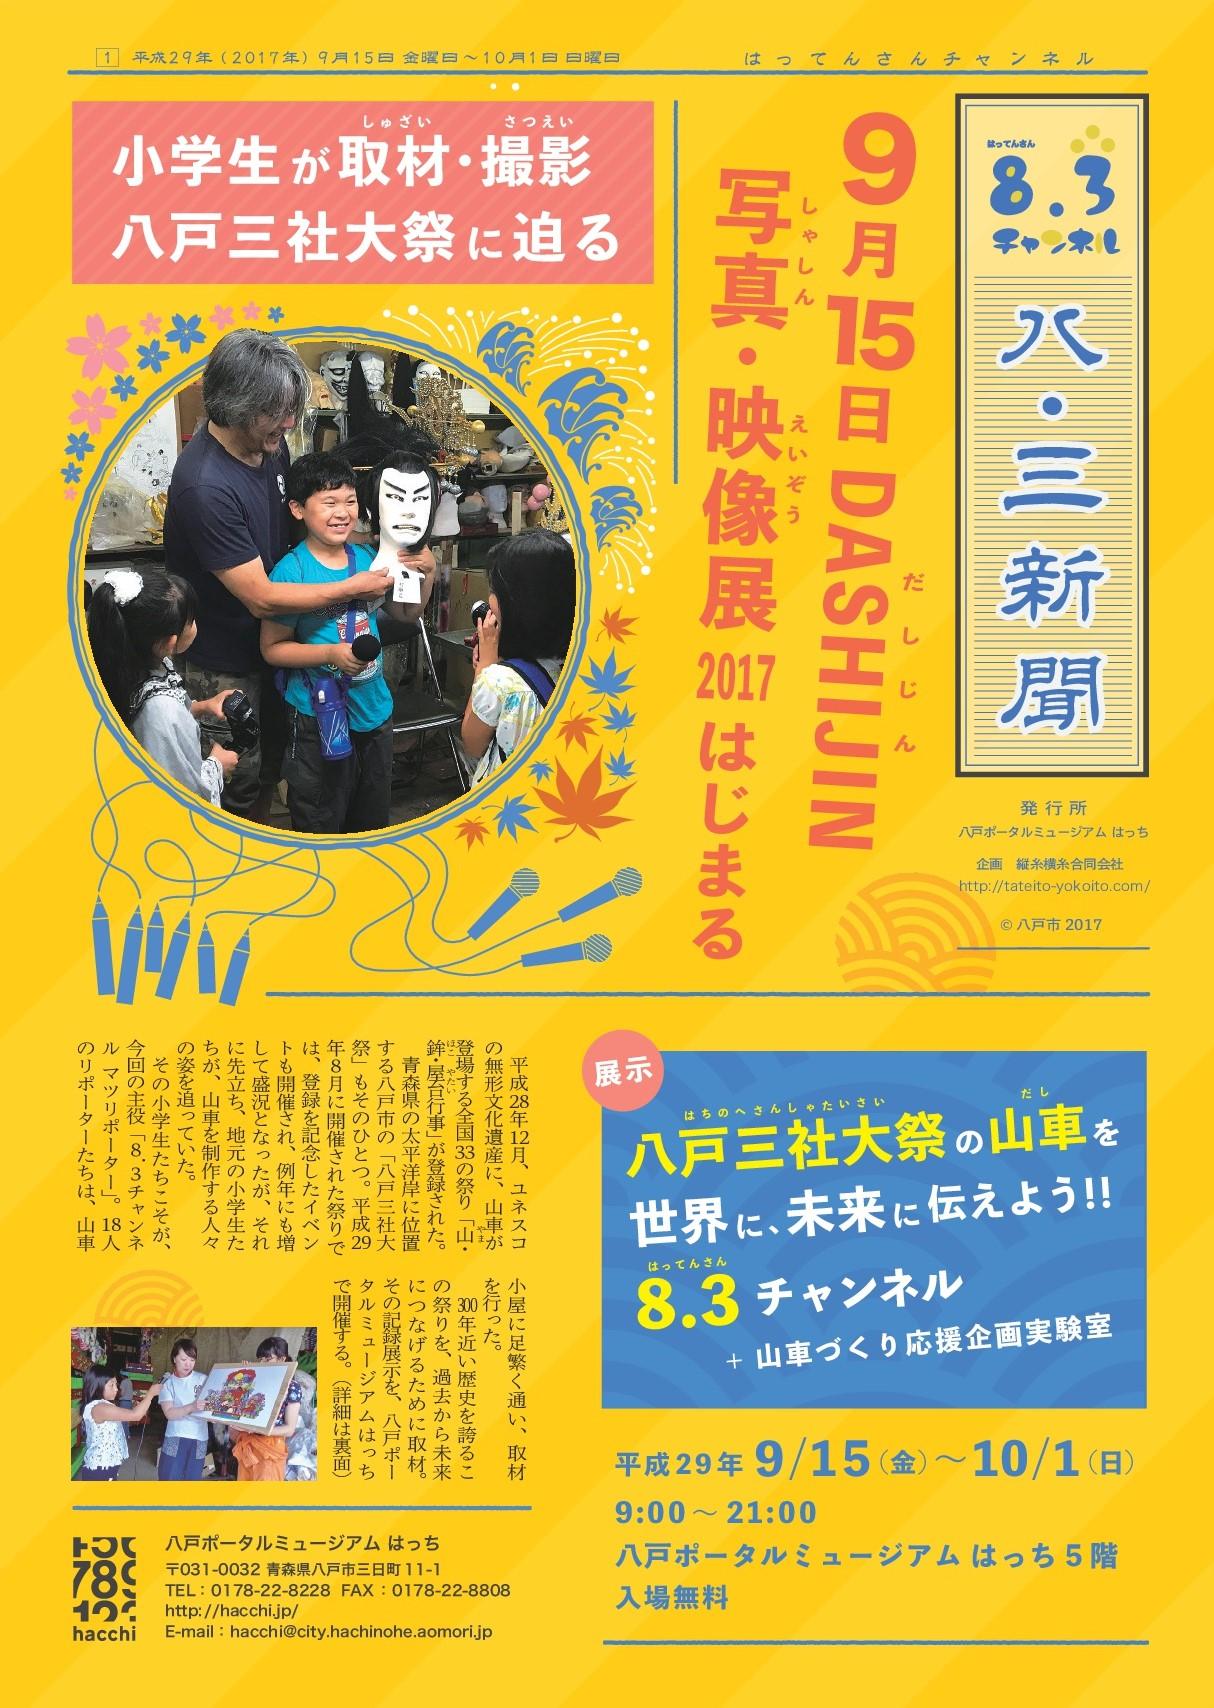 [写真・映像展]八戸三社大祭の山車を 世界に、未来に伝えよう!! in 八戸ポータルミュージアムはっち